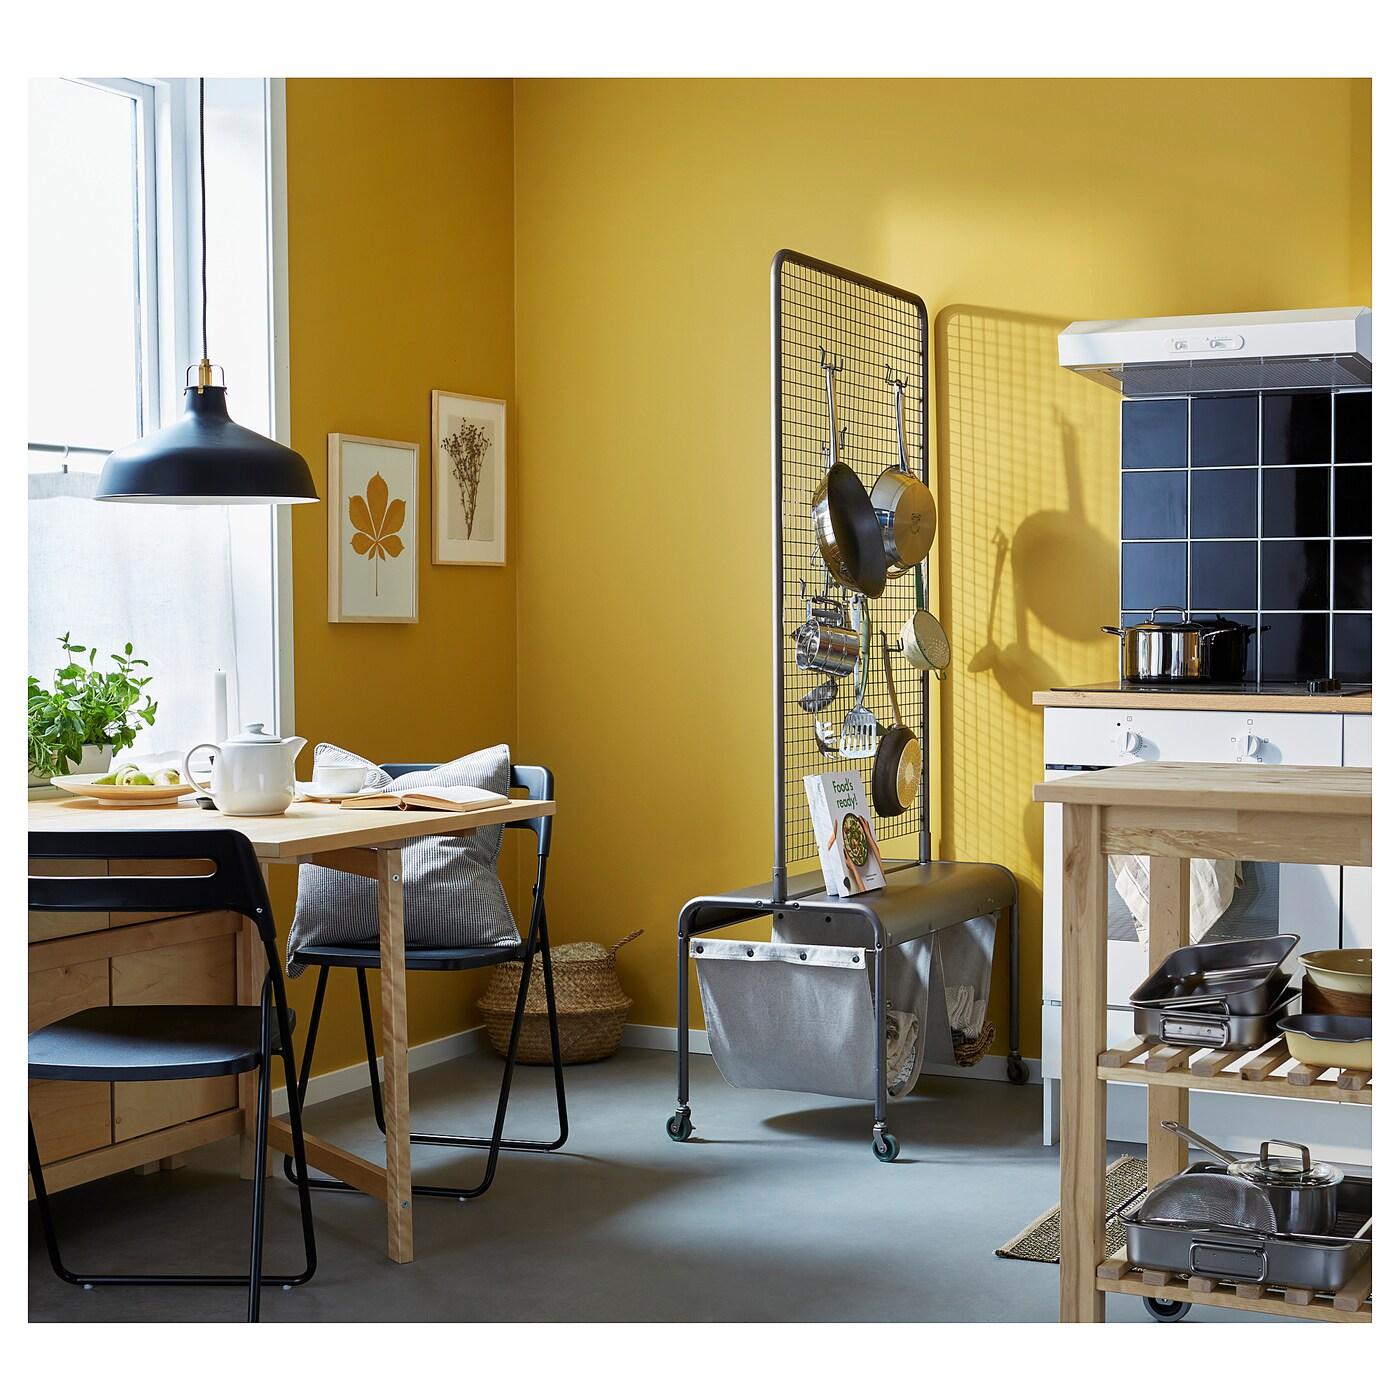 Full Size of Veberd Raumteiler Naturfarben Ikea Deutschland Paravent Garten Miniküche Küche Kaufen Kosten Sofa Mit Schlaffunktion Betten 160x200 Bei Modulküche Wohnzimmer Paravent Balkon Ikea